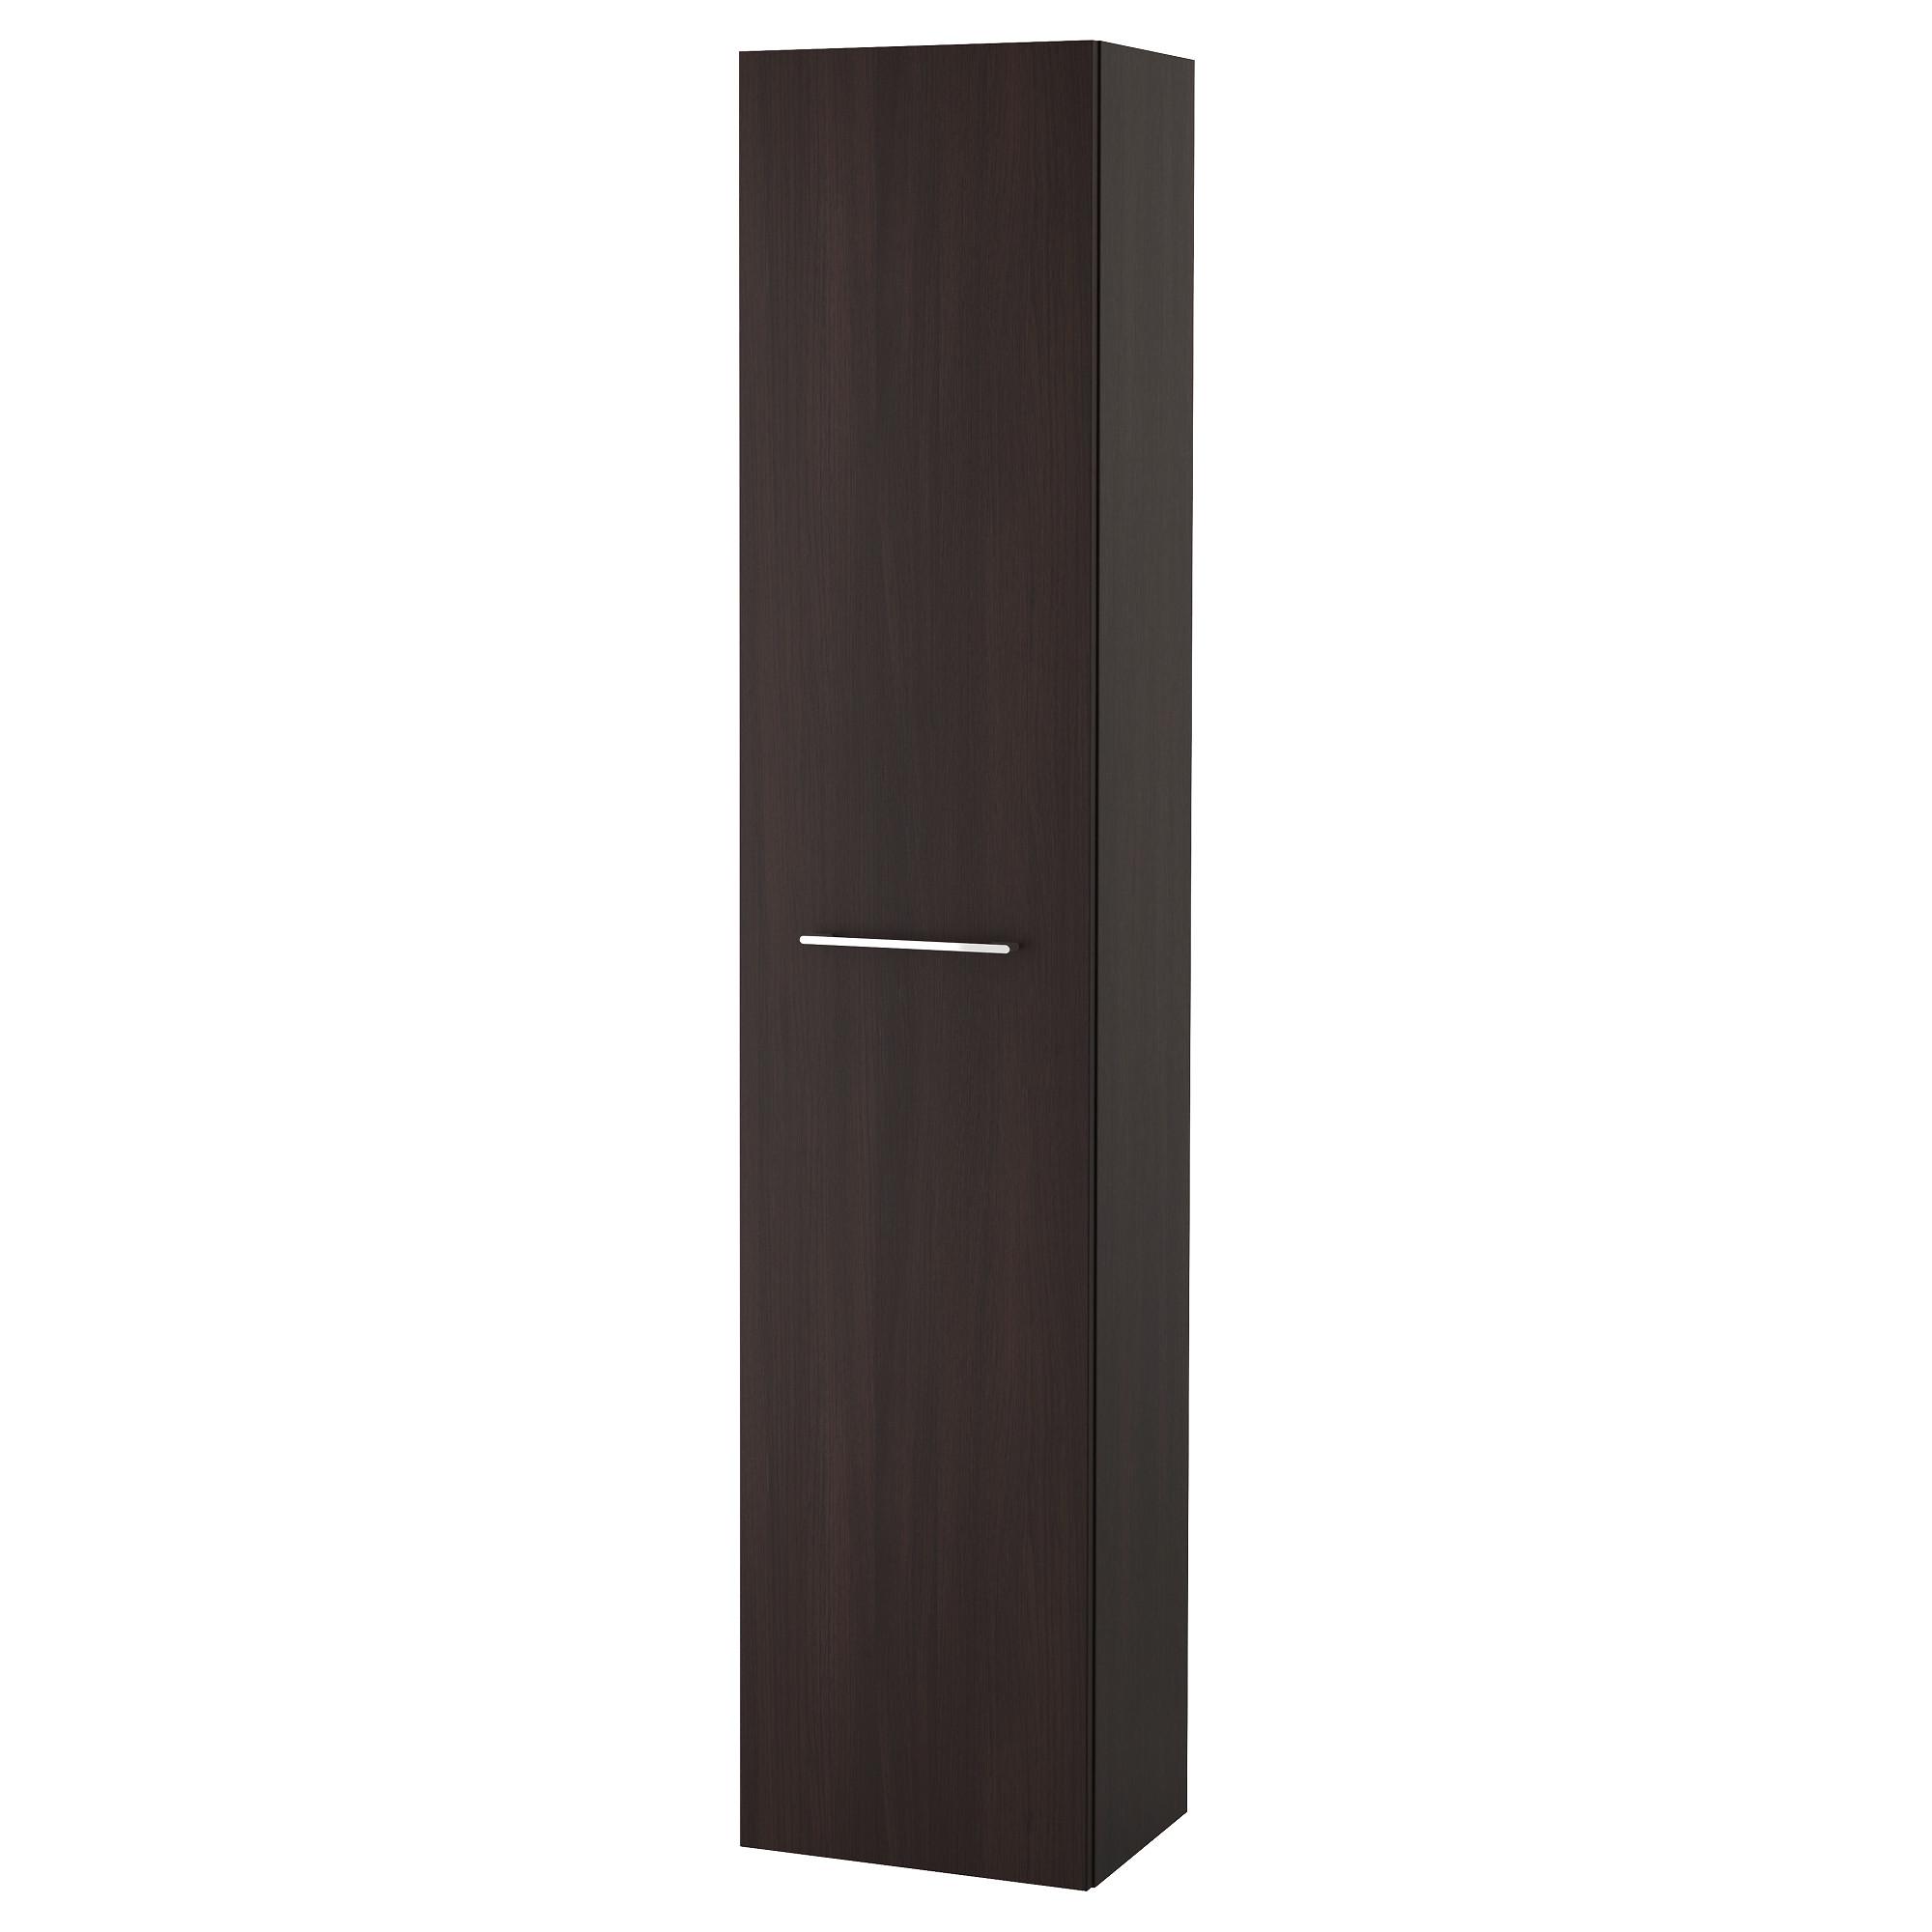 Шкаф высокий ГОДМОРГОН, черно-коричневый (40x32x192 см)